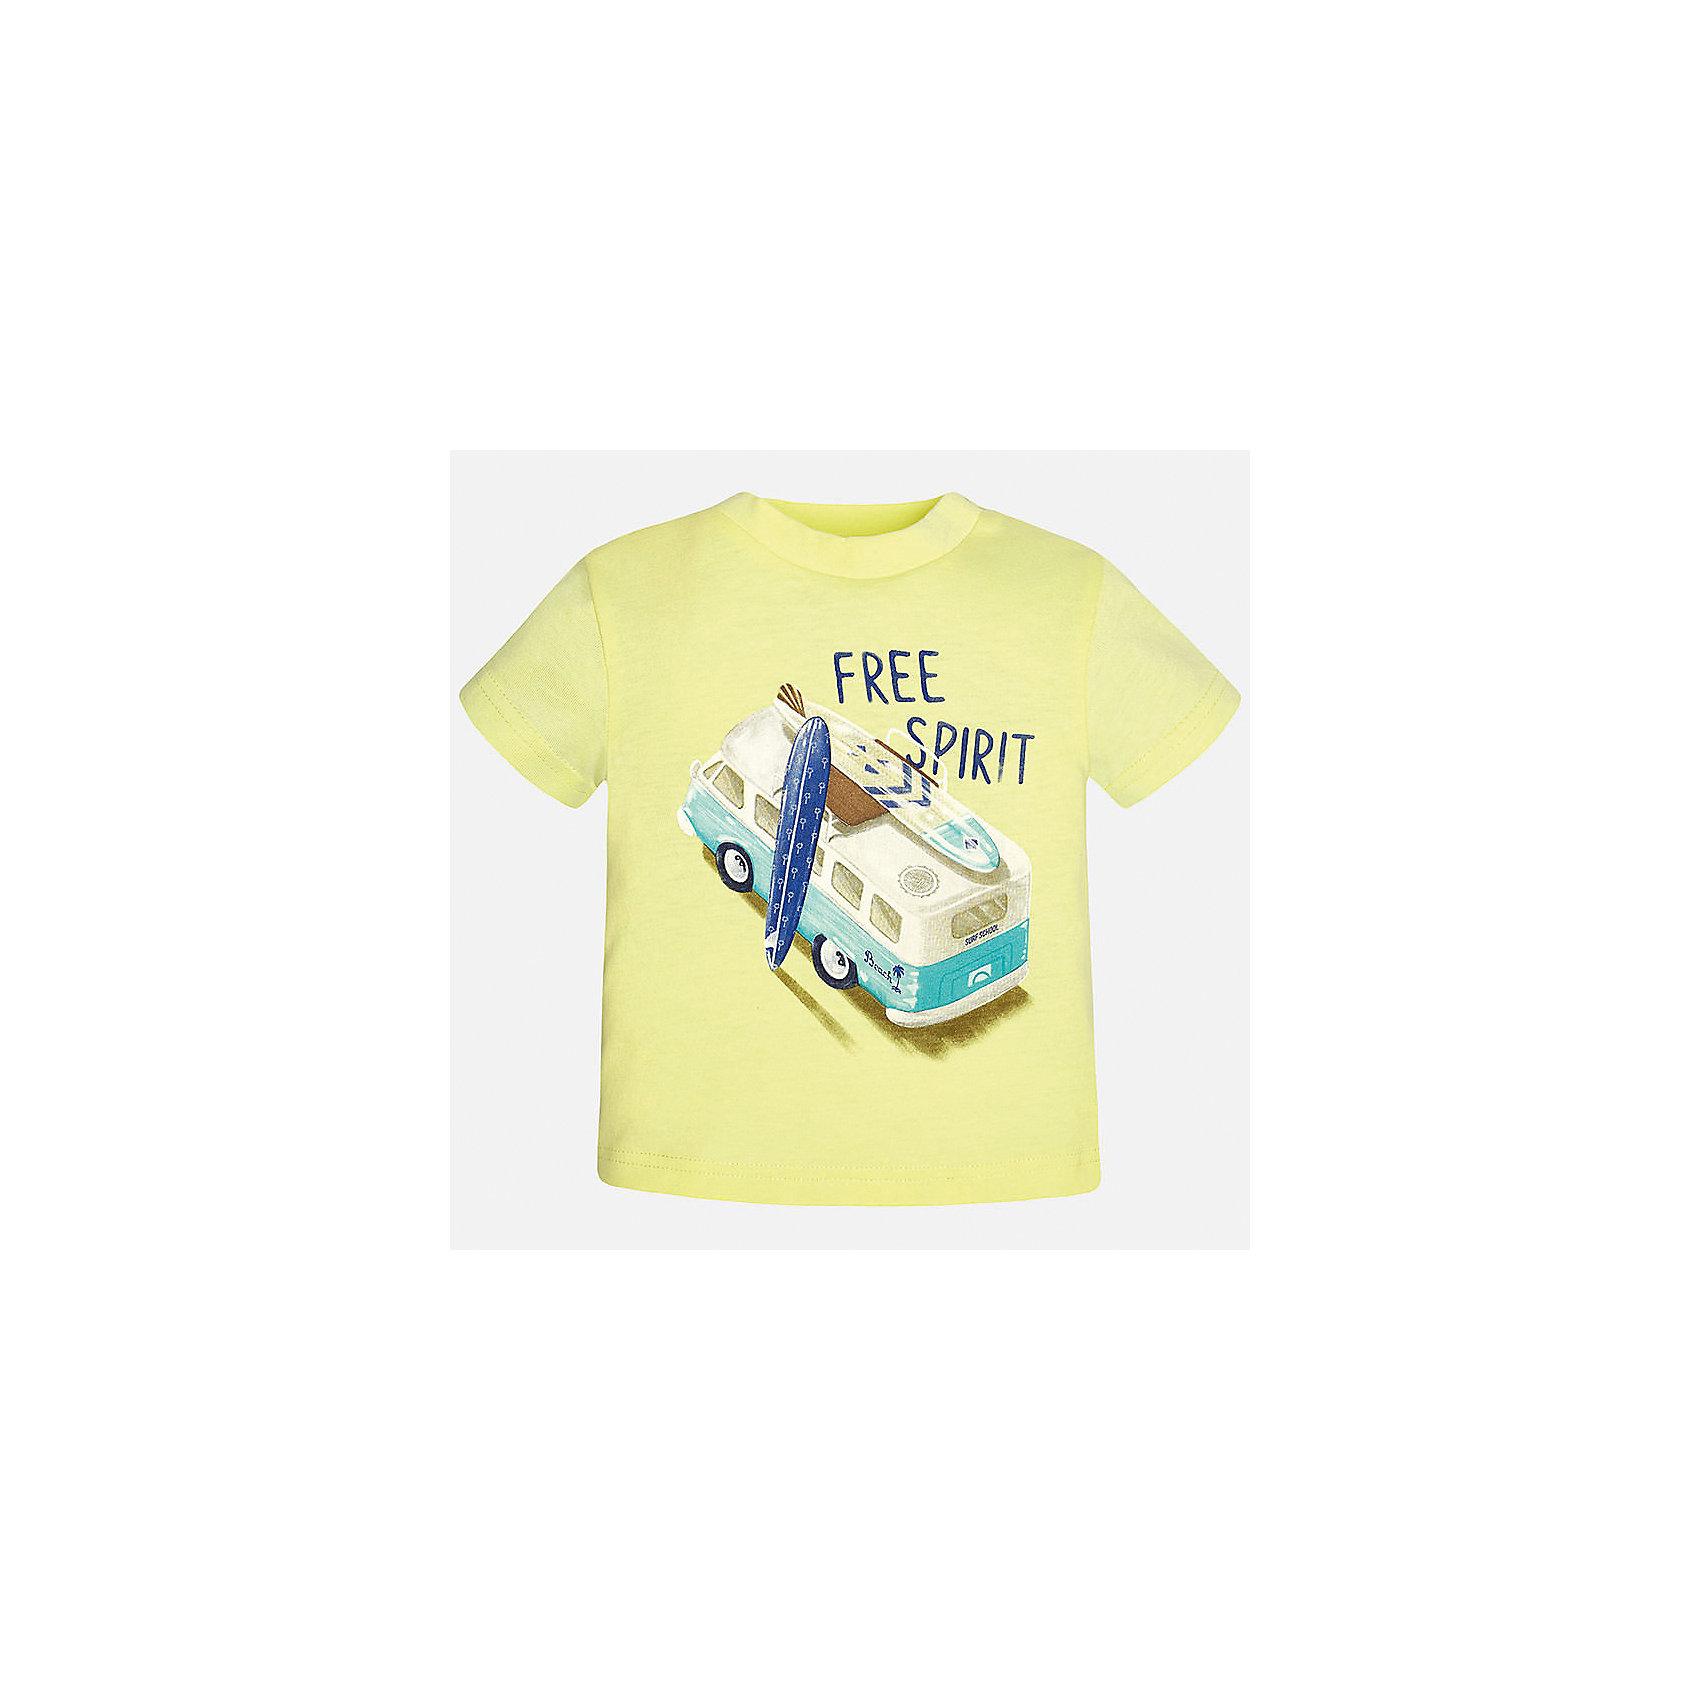 Футболка для мальчика MayoralХарактеристики товара:<br><br>• цвет: желтый<br>• состав: 100% хлопок<br>• круглый горловой вырез<br>• декорирована принтом<br>• короткие рукава<br>• мягкая отделка горловины<br>• страна бренда: Испания<br><br>Стильная удобная футболка с принтом поможет разнообразить гардероб мальчика. Она отлично сочетается с брюками, шортами, джинсами. Универсальный крой и цвет позволяет подобрать к вещи низ разных расцветок. Практичное и стильное изделие! Хорошо смотрится и комфортно сидит на детях. В составе материала - натуральный хлопок, гипоаллергенный, приятный на ощупь, дышащий. <br><br>Одежда, обувь и аксессуары от испанского бренда Mayoral полюбились детям и взрослым по всему миру. Модели этой марки - стильные и удобные. Для их производства используются только безопасные, качественные материалы и фурнитура. Порадуйте ребенка модными и красивыми вещами от Mayoral! <br><br>Футболку для мальчика от испанского бренда Mayoral (Майорал) можно купить в нашем интернет-магазине.<br><br>Ширина мм: 199<br>Глубина мм: 10<br>Высота мм: 161<br>Вес г: 151<br>Цвет: оранжевый<br>Возраст от месяцев: 12<br>Возраст до месяцев: 18<br>Пол: Мужской<br>Возраст: Детский<br>Размер: 86,80,92<br>SKU: 5278445